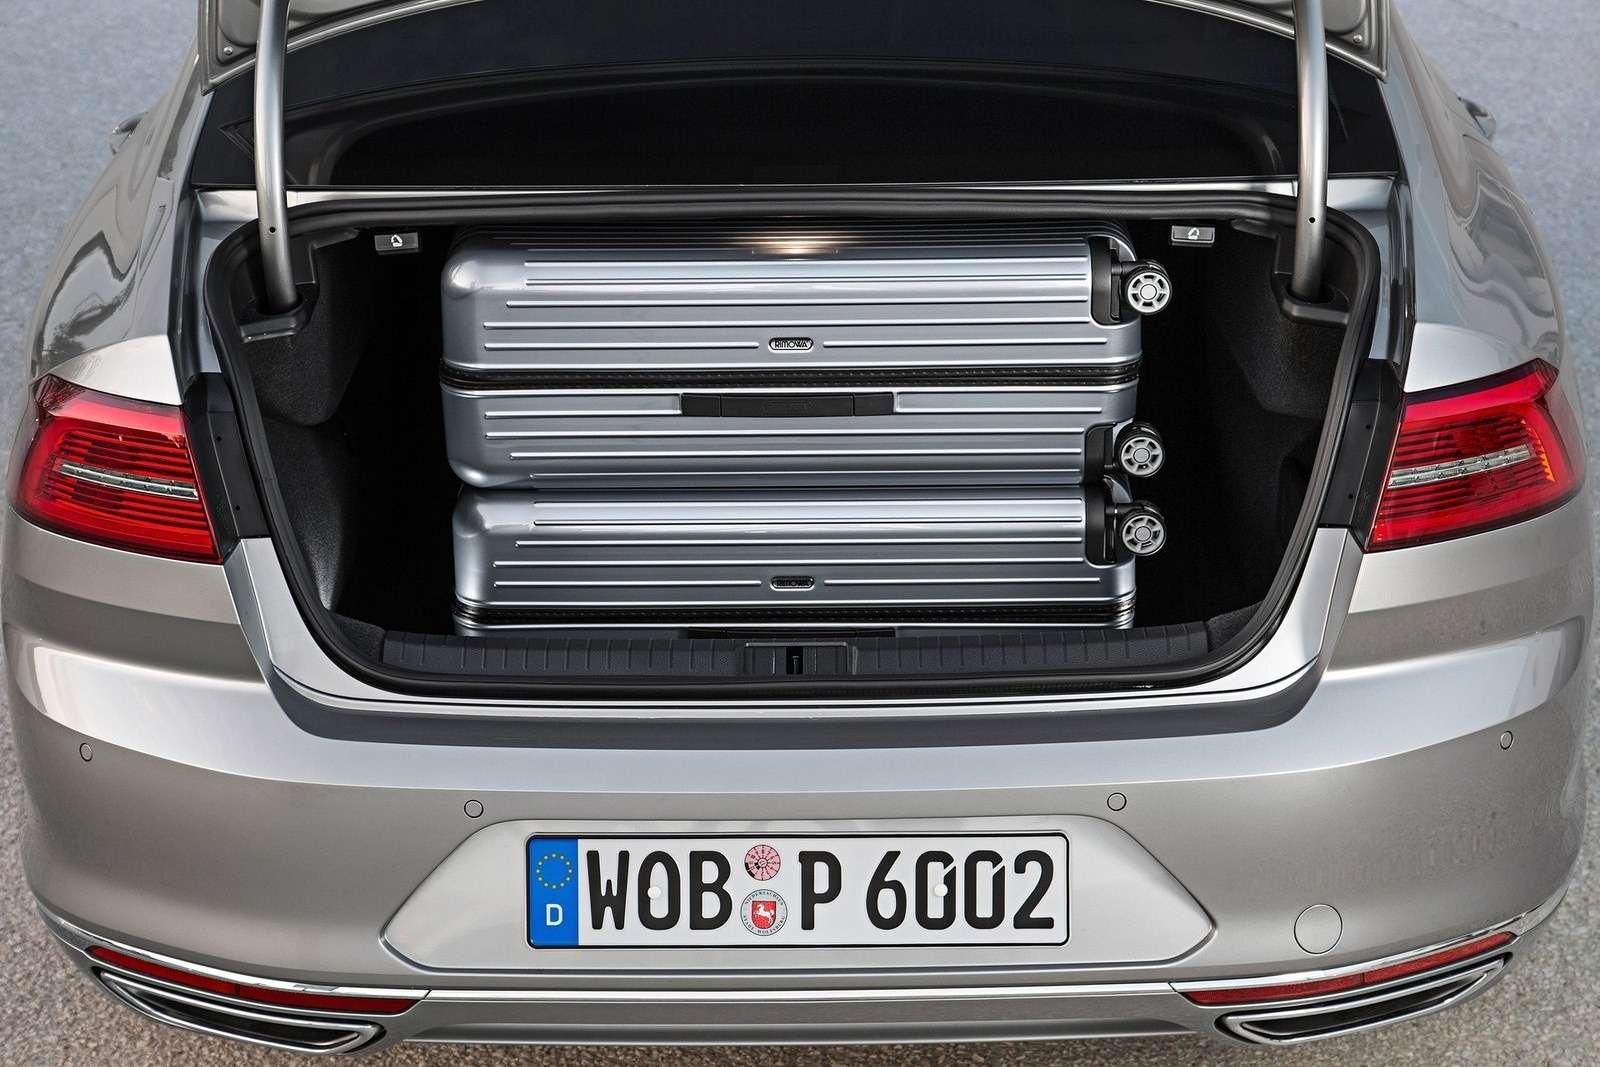 Volkswagen-Passat_2015_1600x1200_wallpaper_45